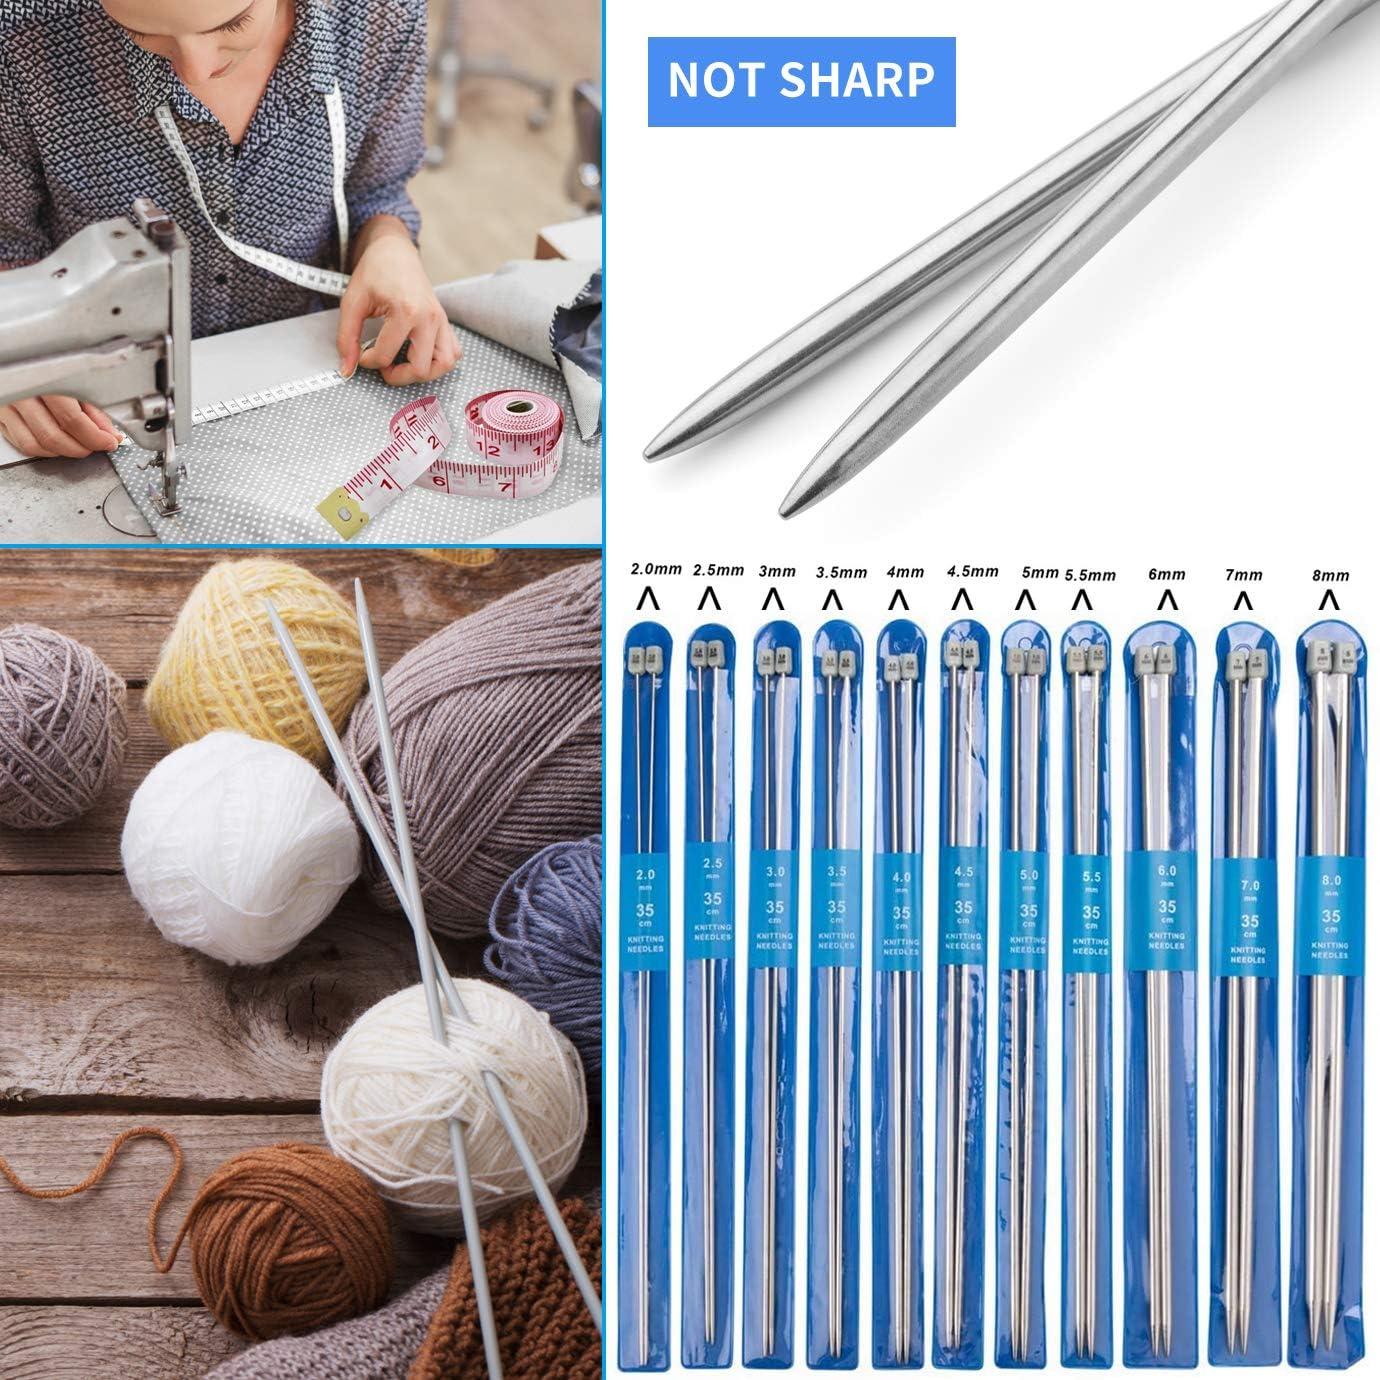 WXJ13 Lot de 48 aiguilles /à tricoter en acier inoxydable 2-8 mm avec m/ètre ruban et /étui